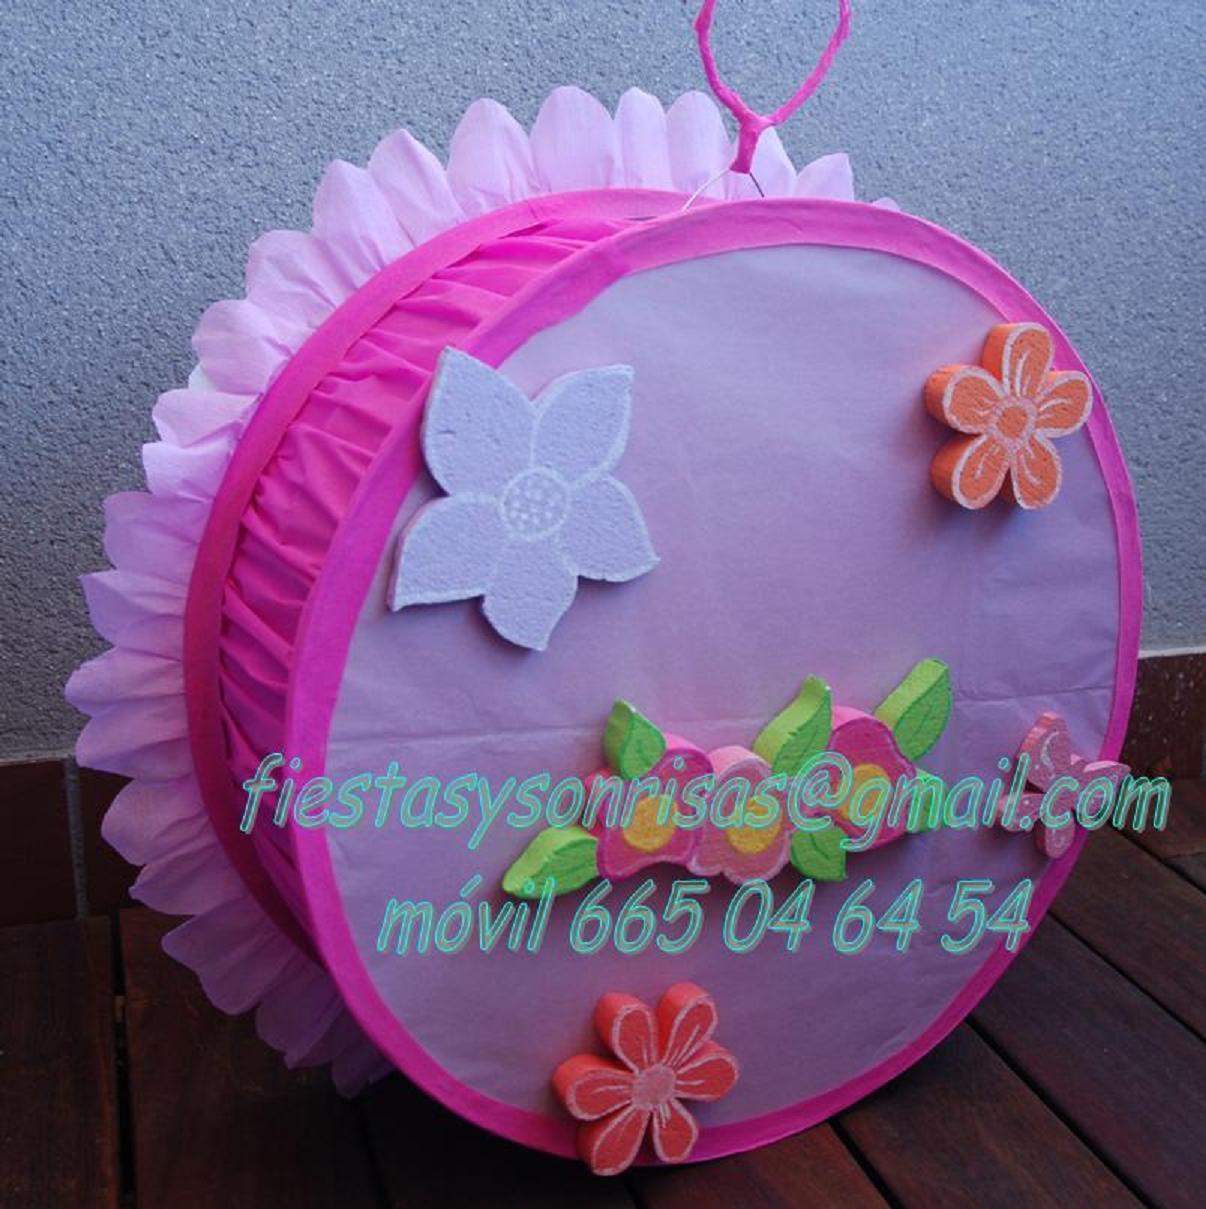 Minnie Decoraciones Fiestas Infantiles ~ Fiestas y Sonrisas Pi?ata y Piruletero de Minnie Mouse